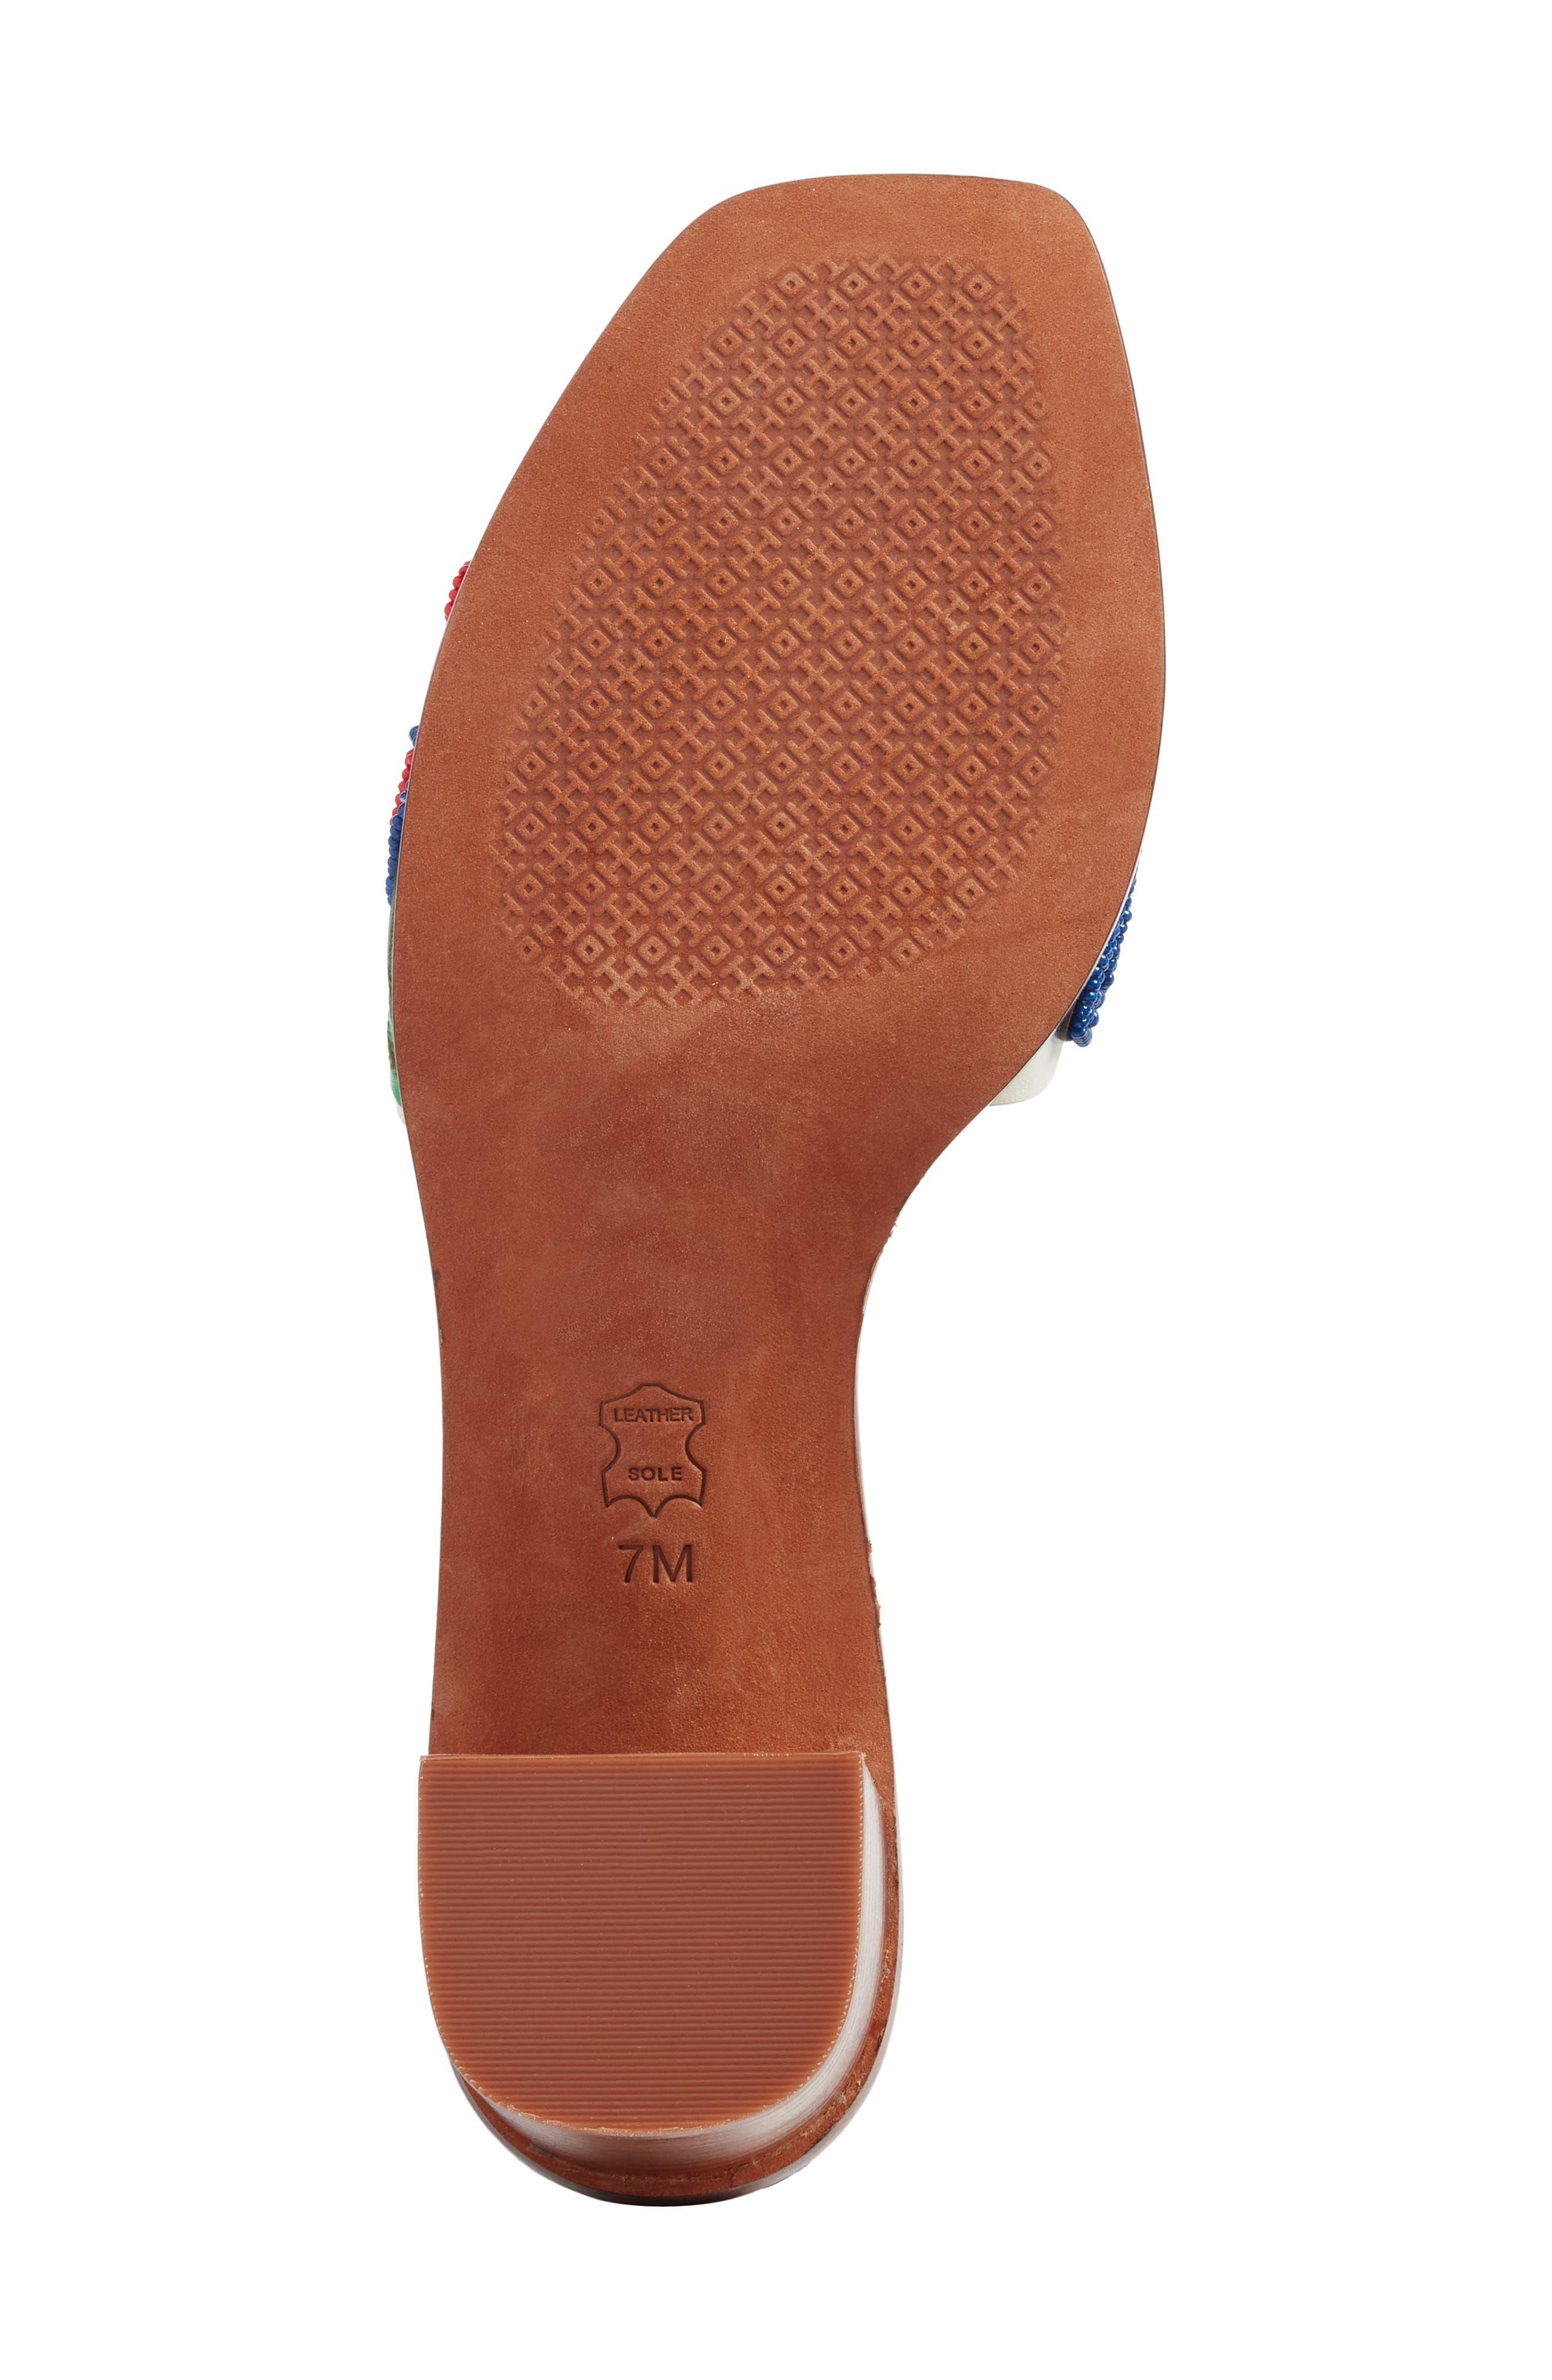 Bianca Floral Embellished Slide Sandal,                             Alternate thumbnail 6, color,                             Perfect Ivory/ Multi Color